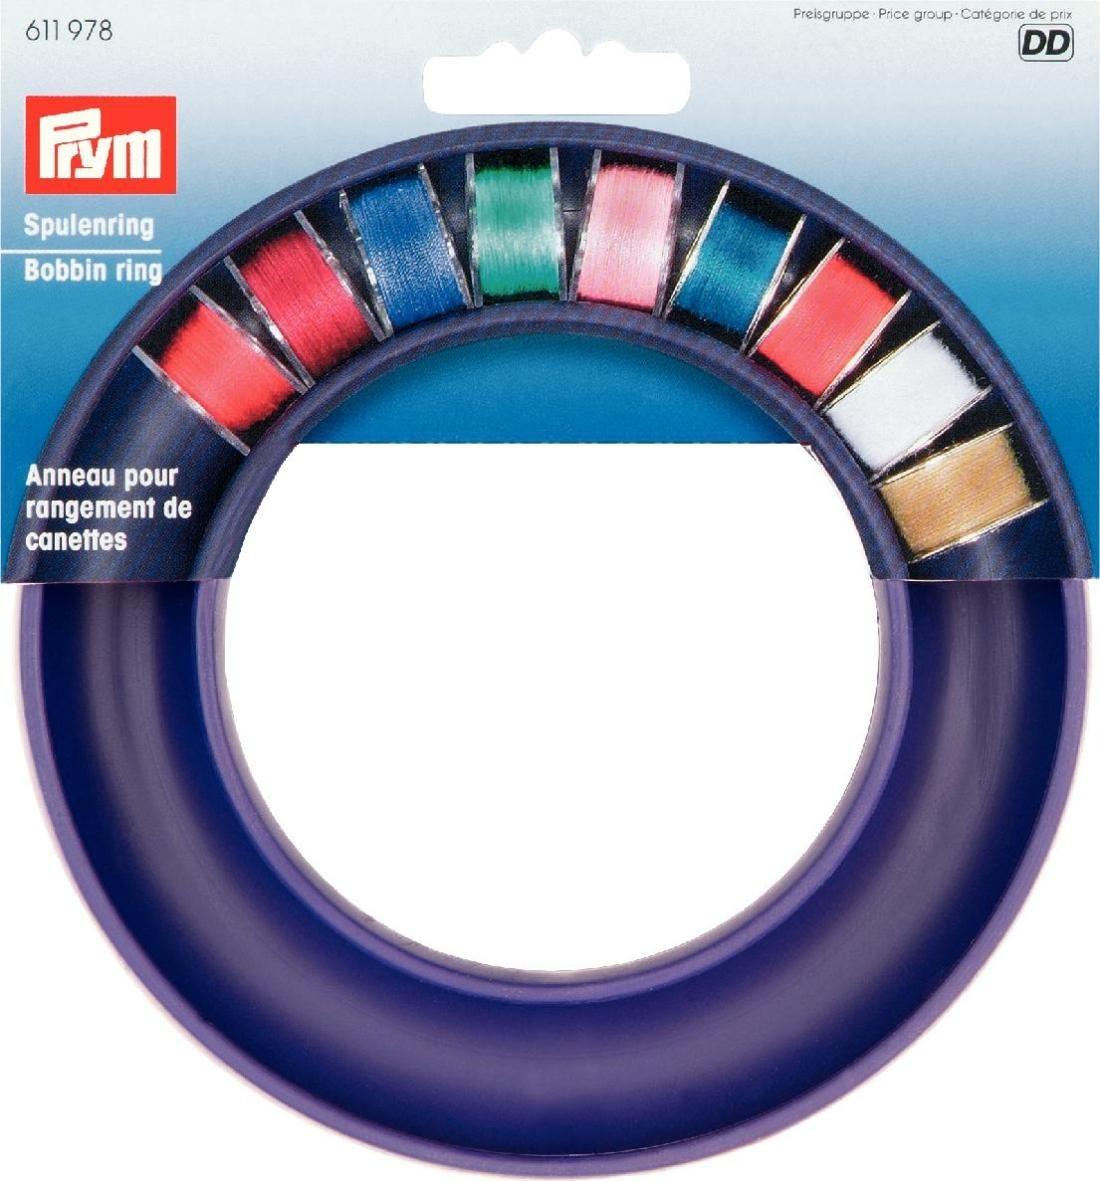 Prym Nähmaschinen - Spulenring für 20 Spulen - 611978